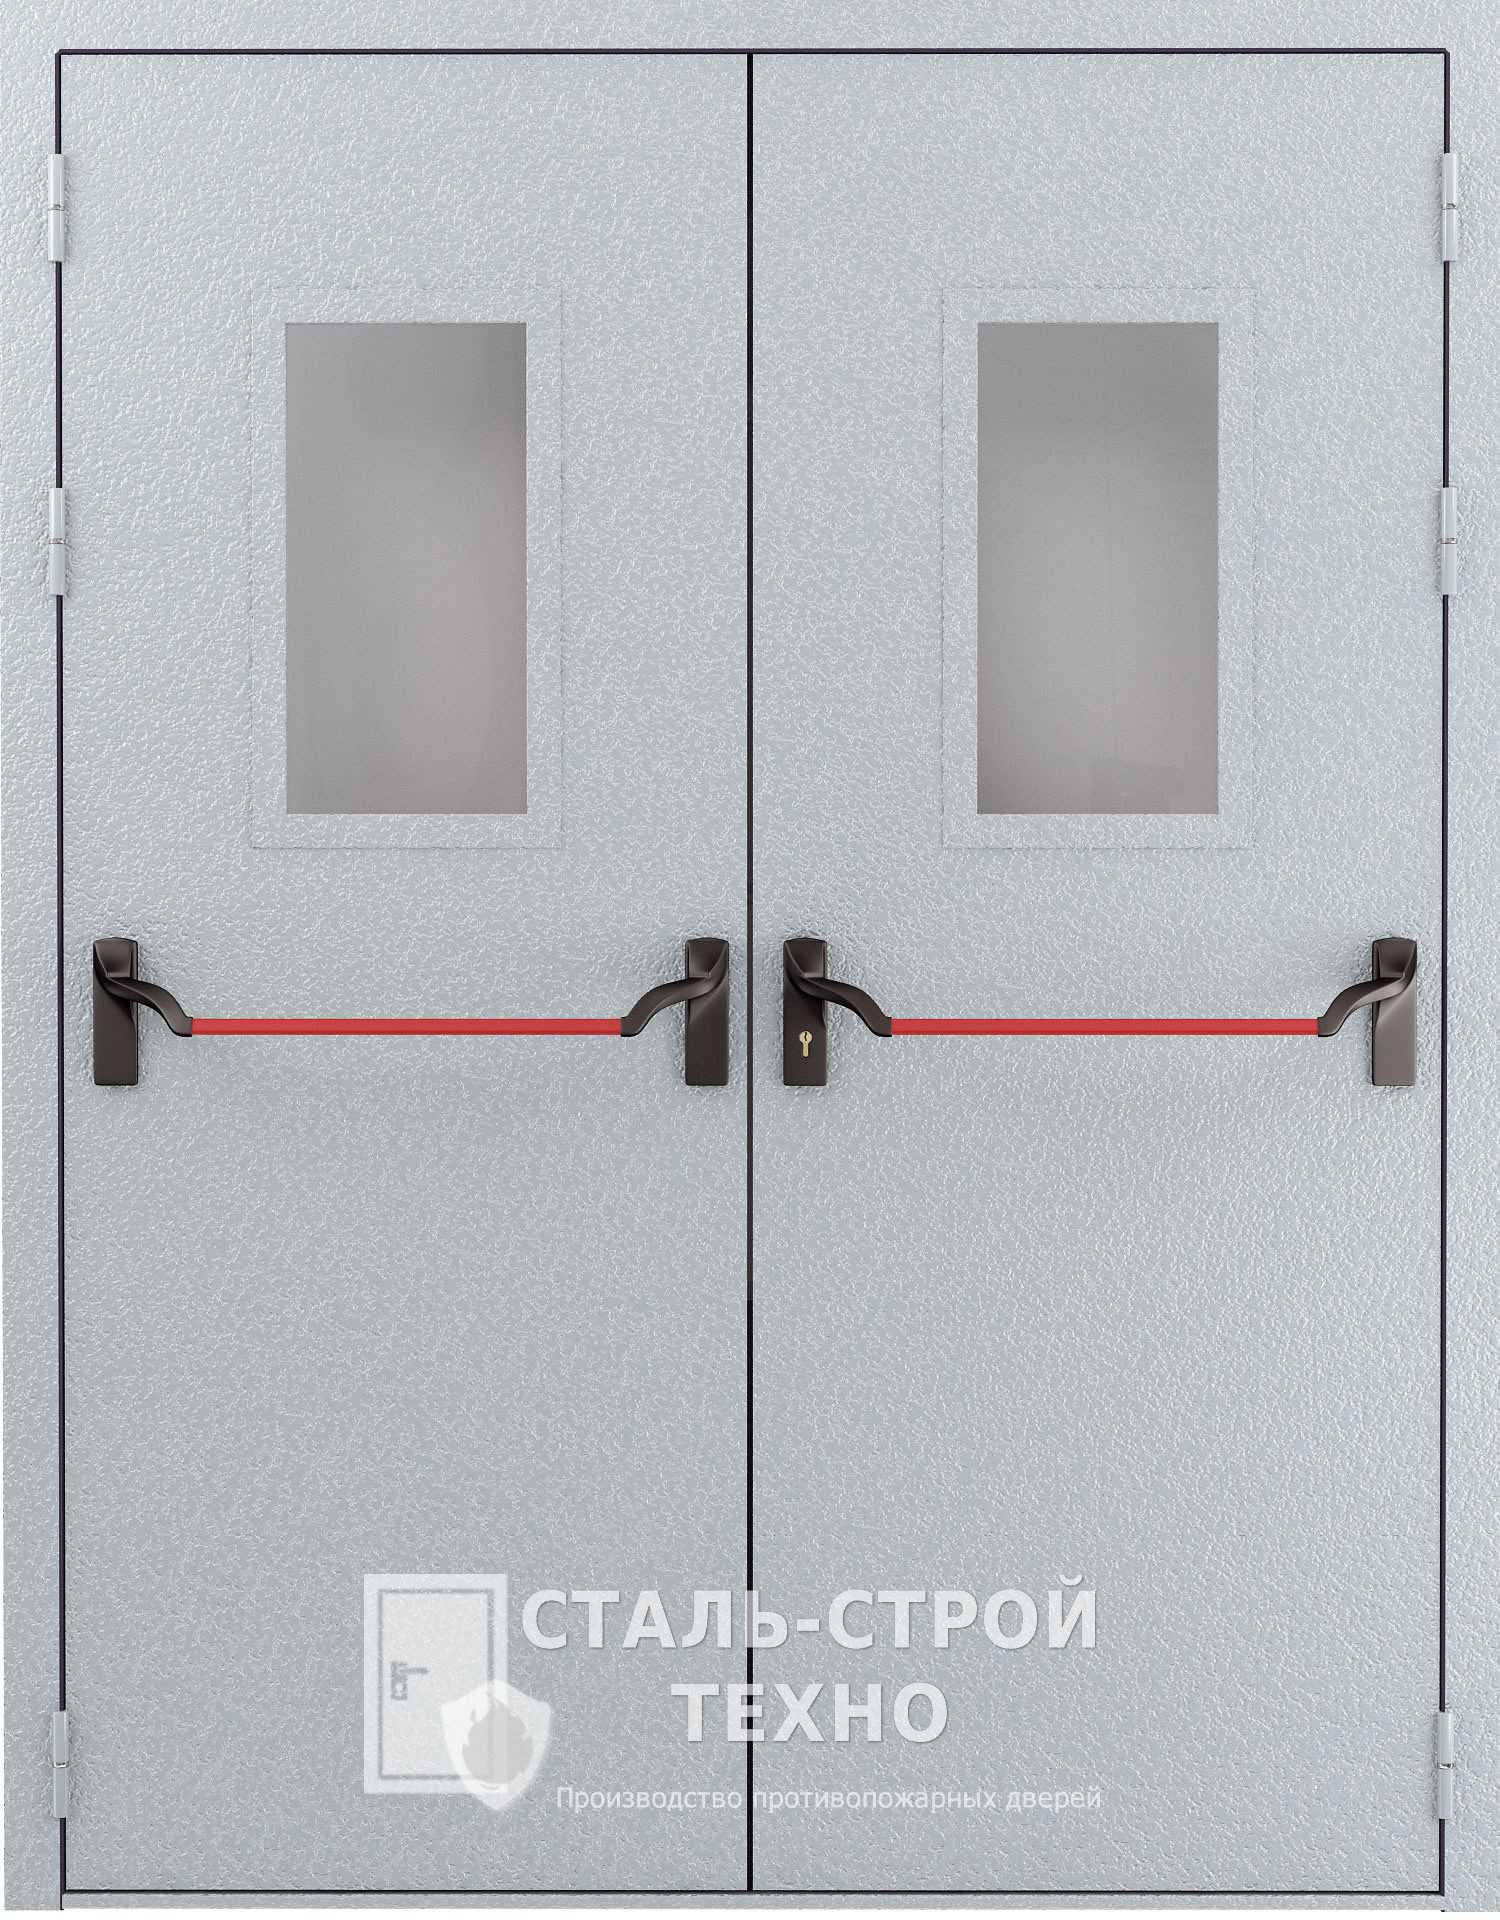 двери металлические противопожарные антипаника